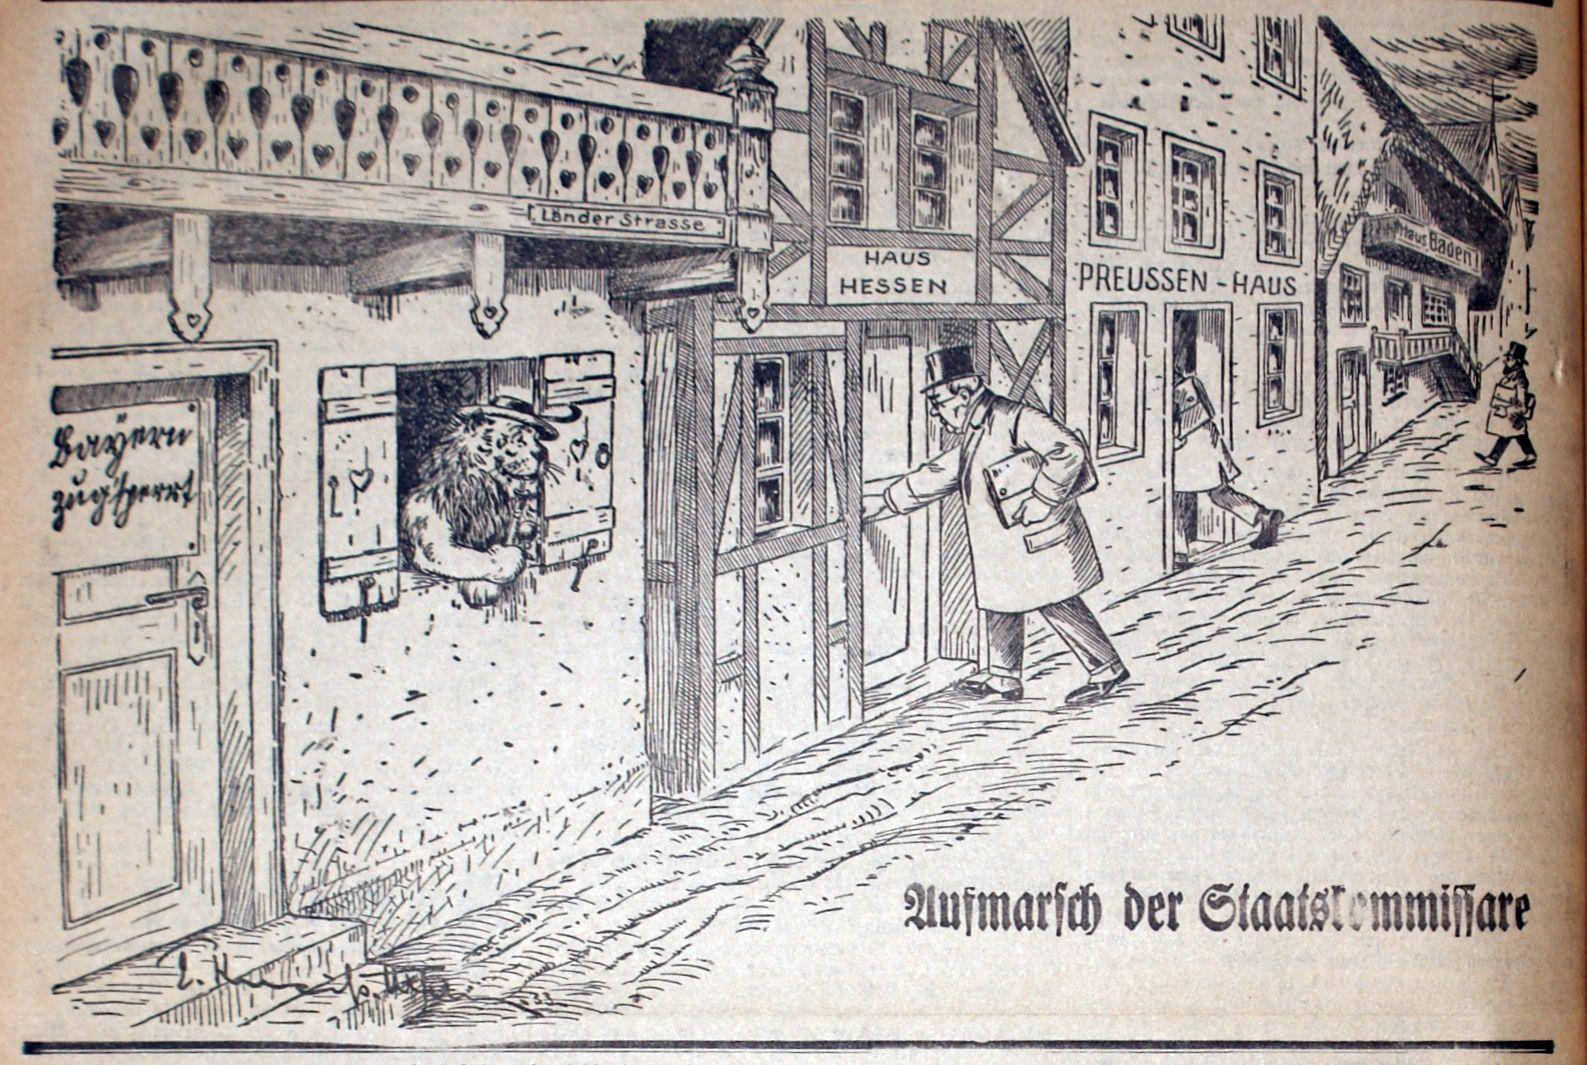 Bild: Aufmarsch der Staatskommissäre